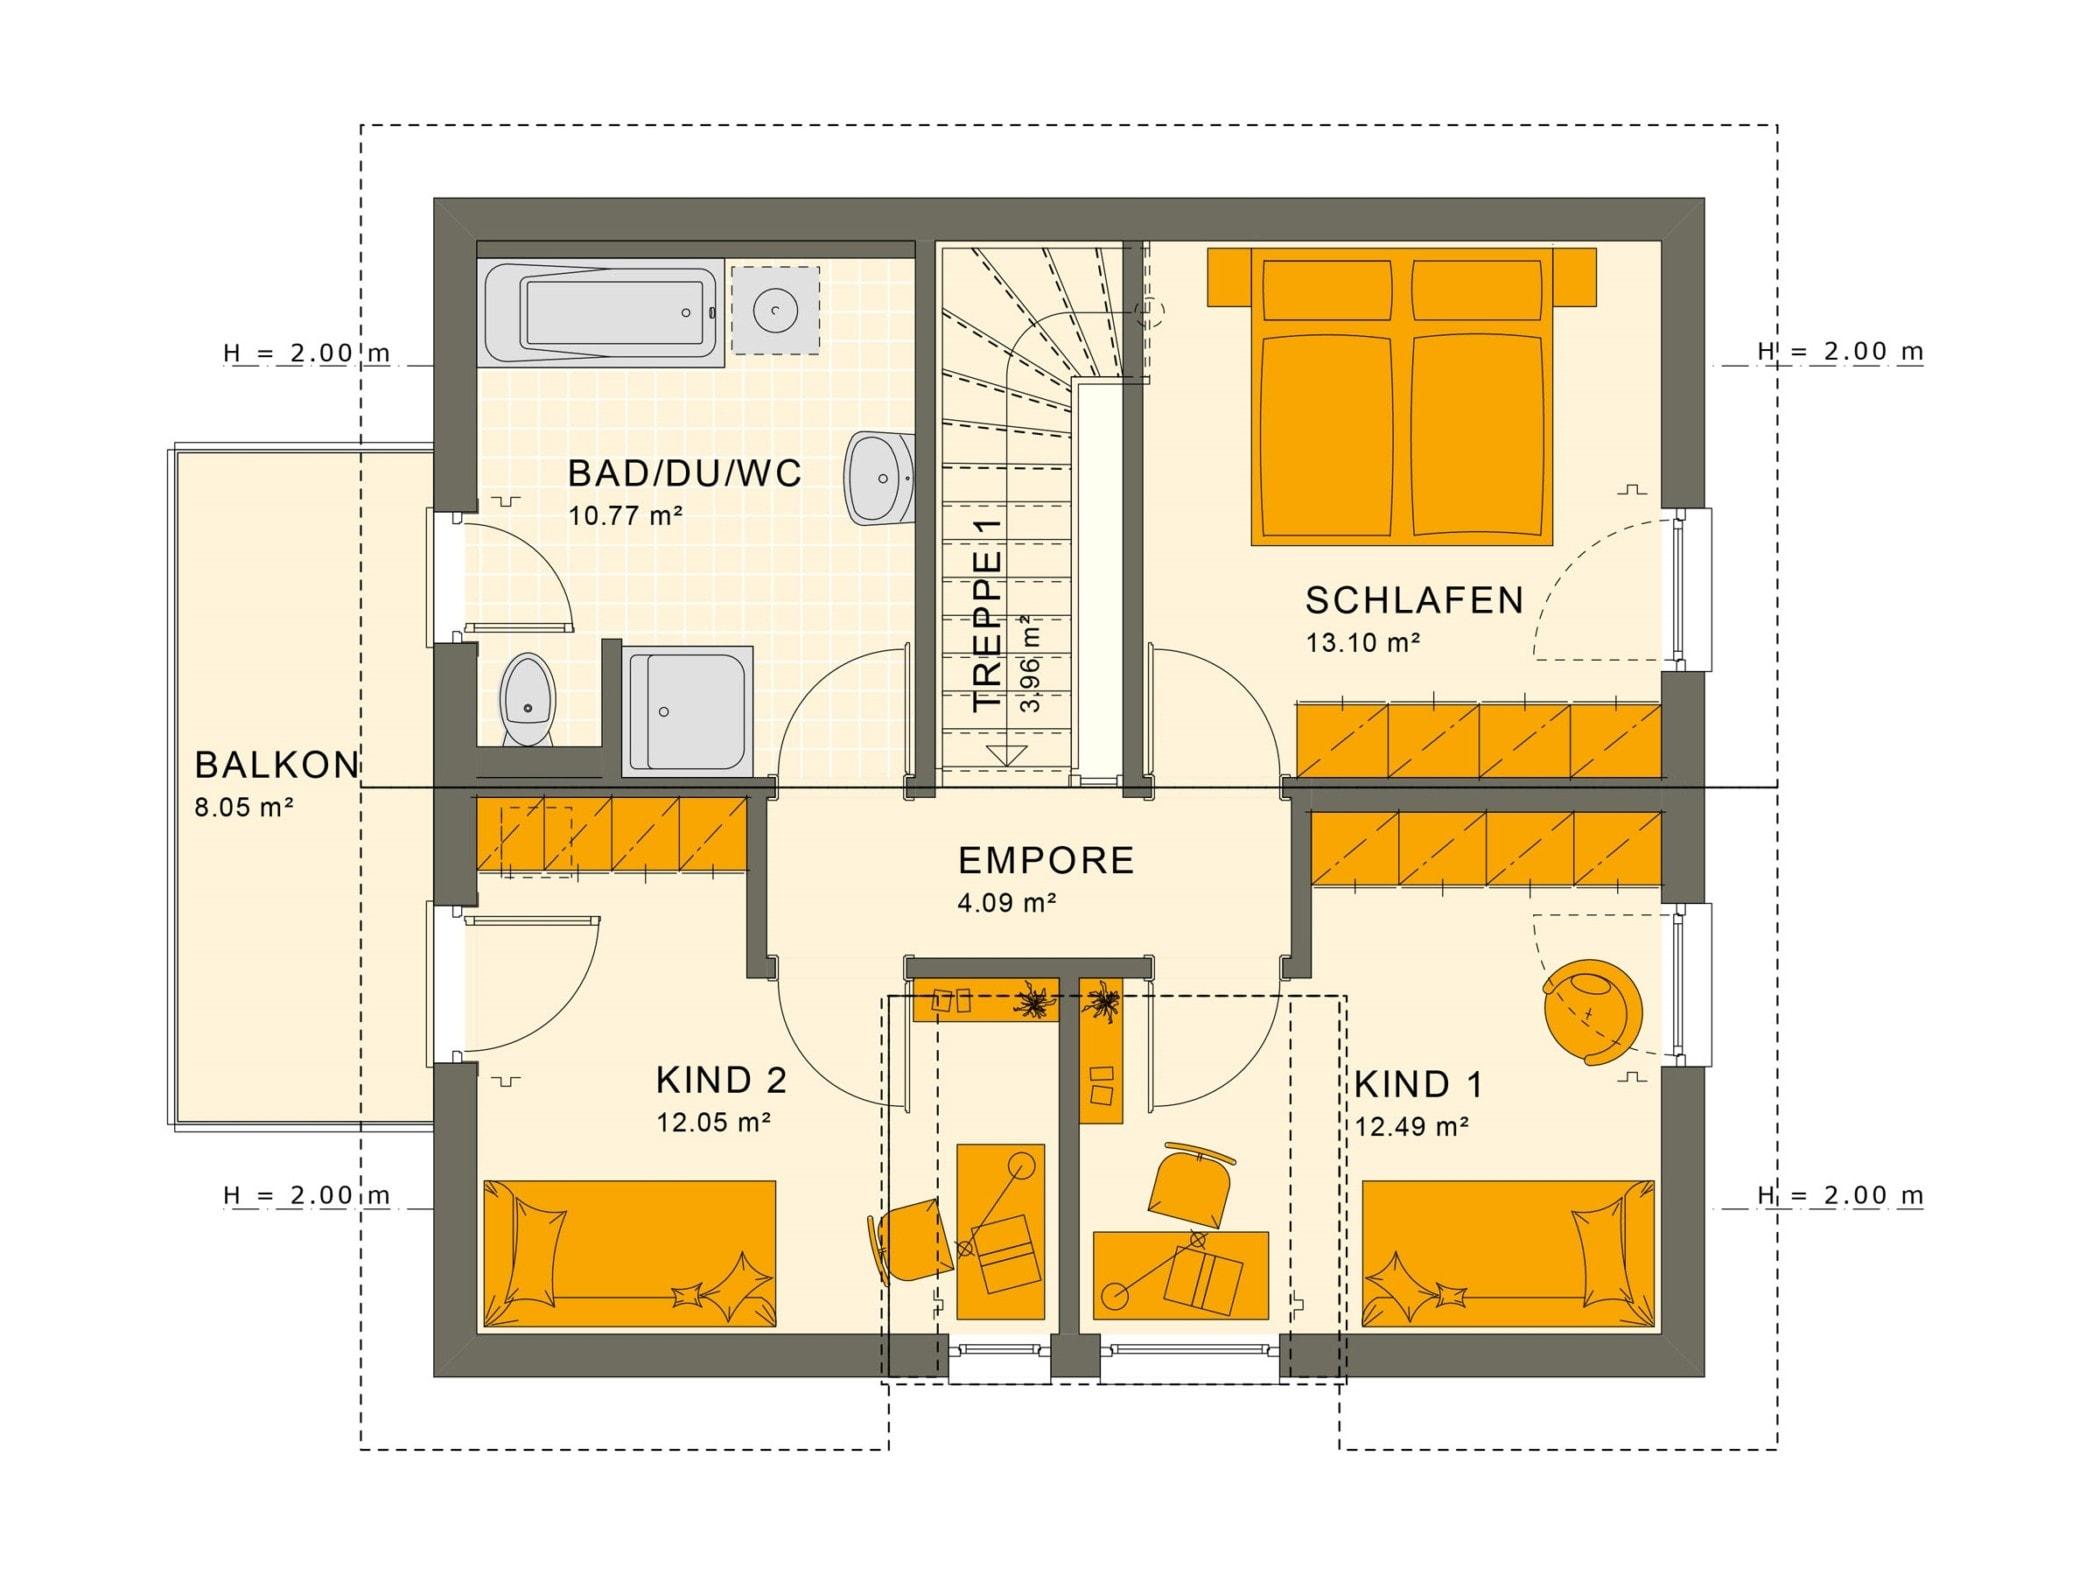 Grundriss Einfamilienhaus Obergeschoss mit Satteldach Architektur, Zwerchgiebel & Balkon, 114 qm, 5 Zimmer - Haus bauen Ideen Fertighaus SUNSHINE 113 V4 von Living Haus - HausbauDirekt.de